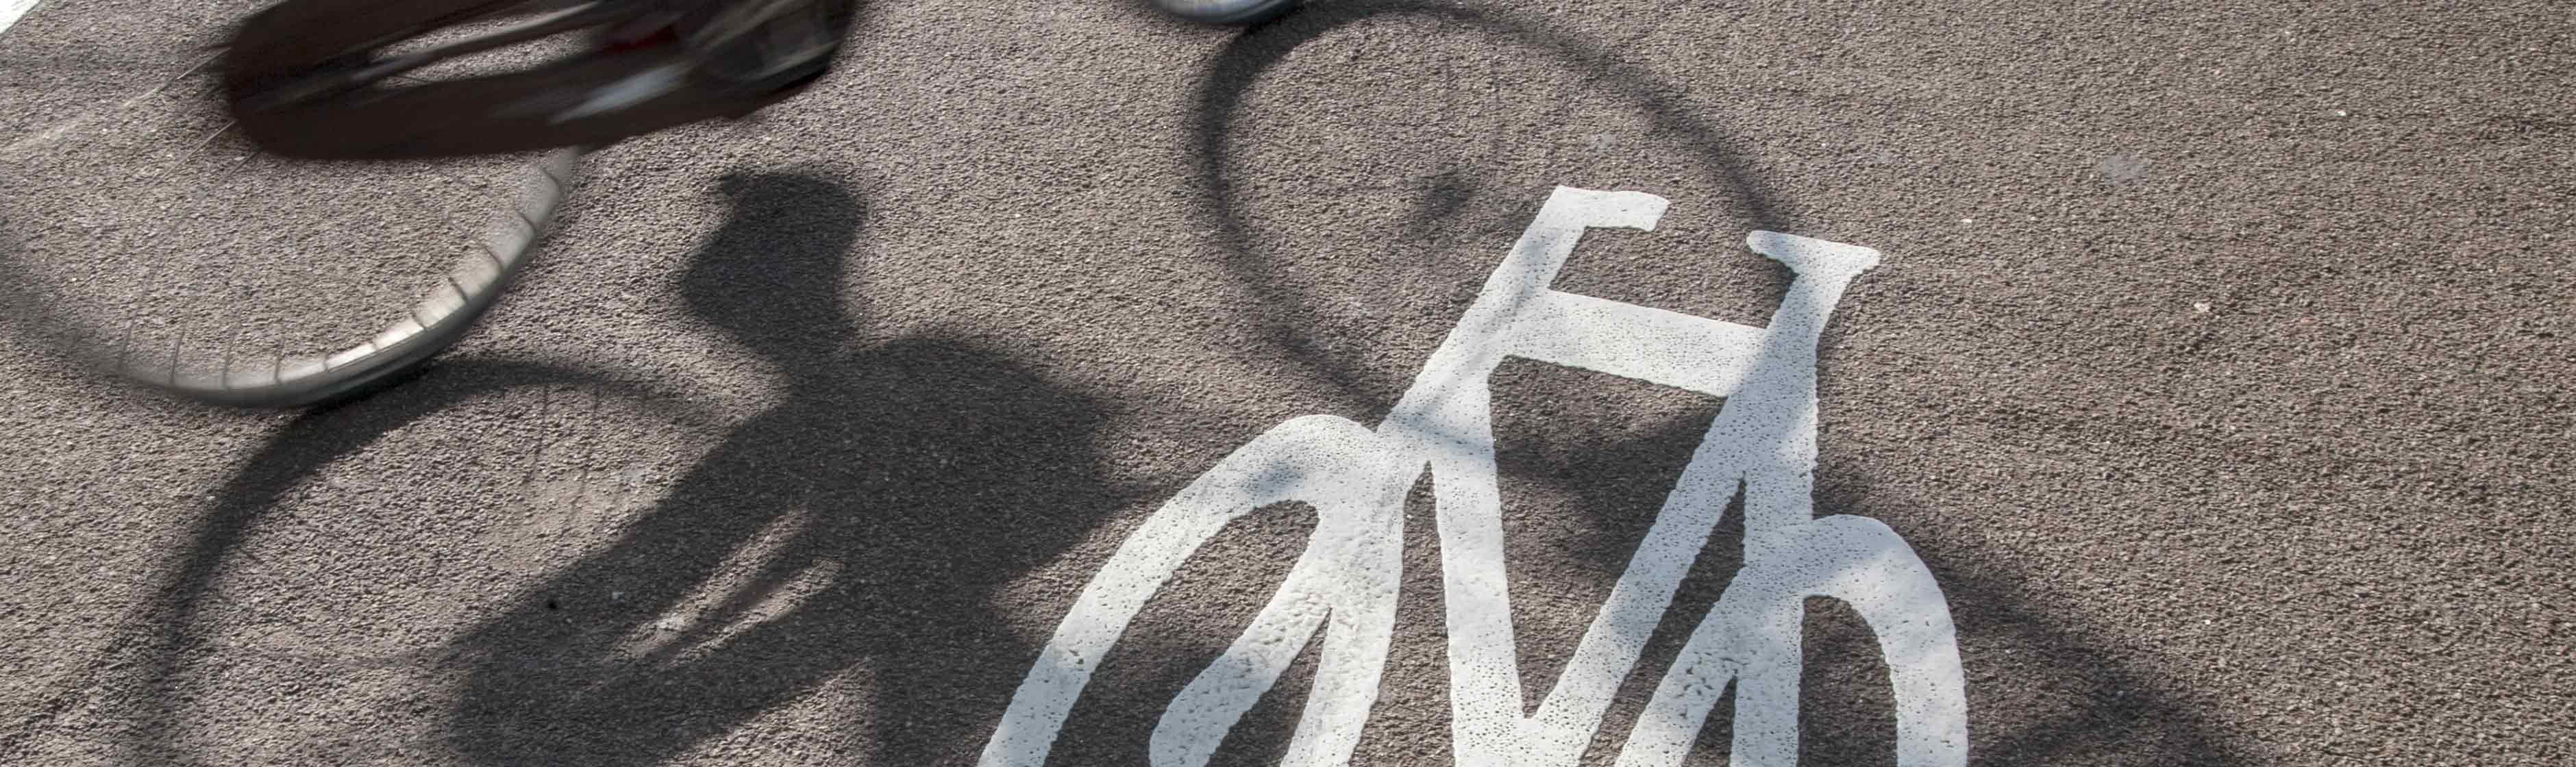 Schaduw fietsers op fietspad